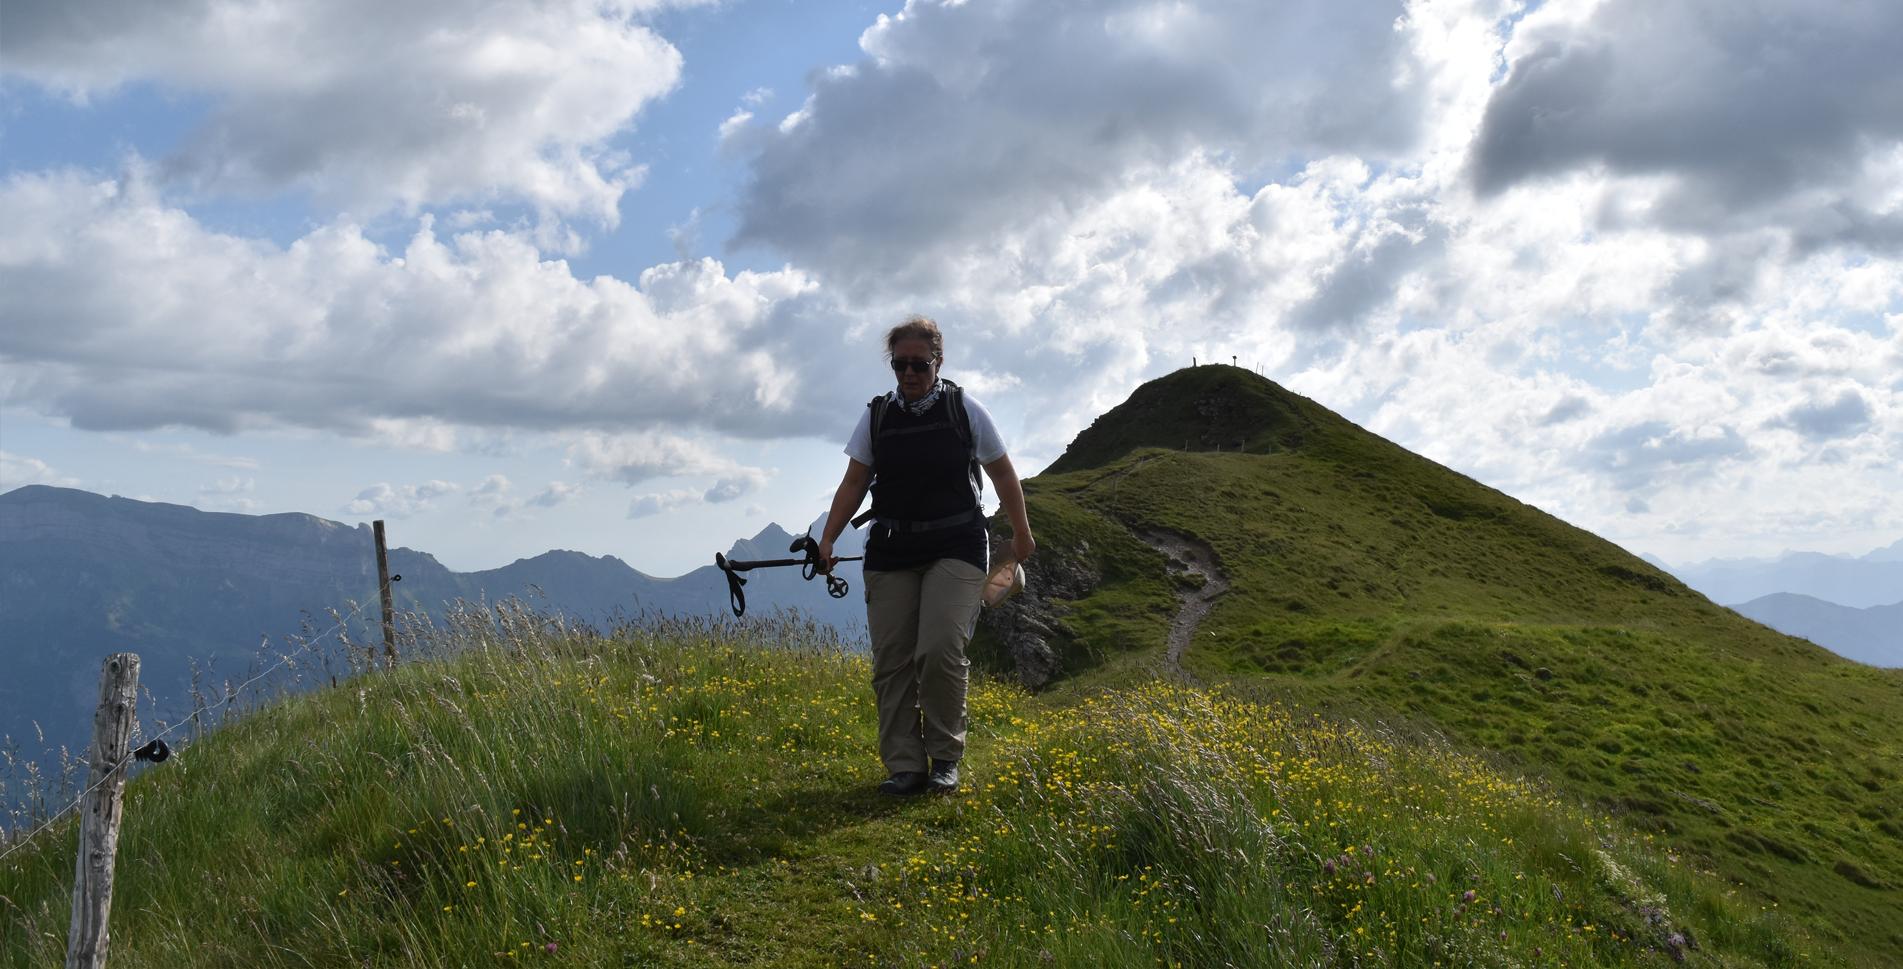 Wanderung im Flumserberg vom Maschgenkamm auf der 7-Gipfel-Tour via Seebenalp zur Tannenbodenalp